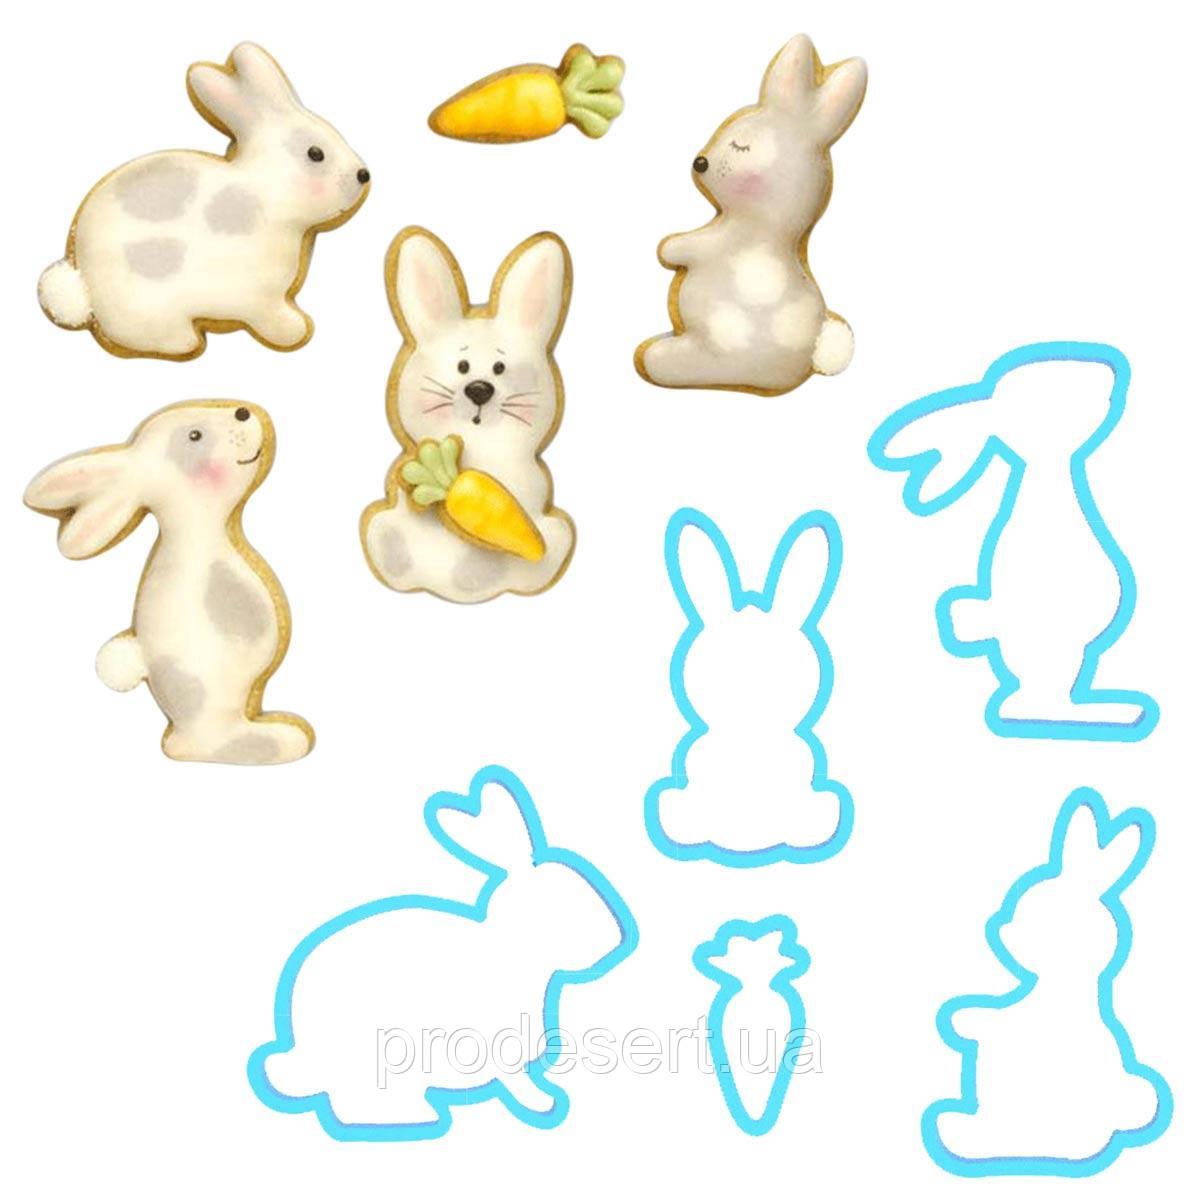 Набор вырубок Пасхальные Кролики 6 см и морковка 3 см 5 шт (3D)